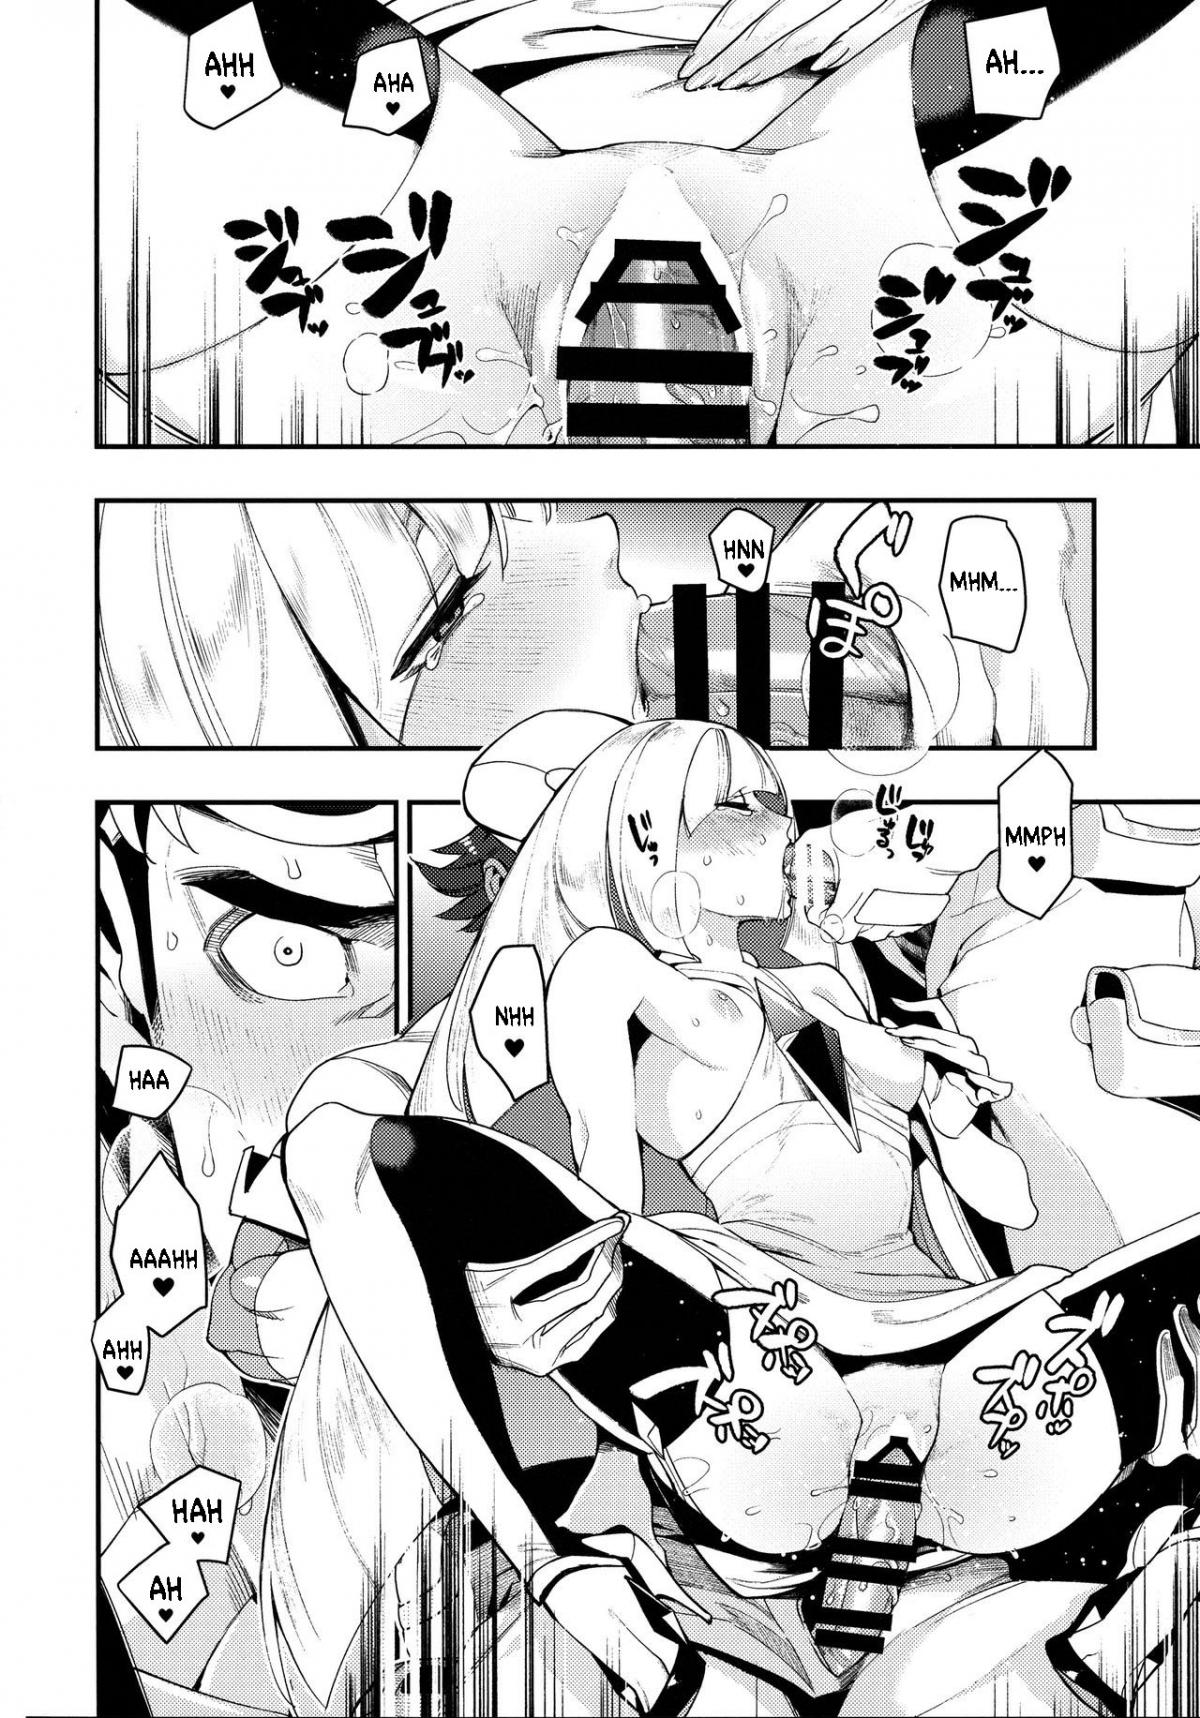 Hình ảnh  trong bài viết Truyện hentai Neurotoxicity